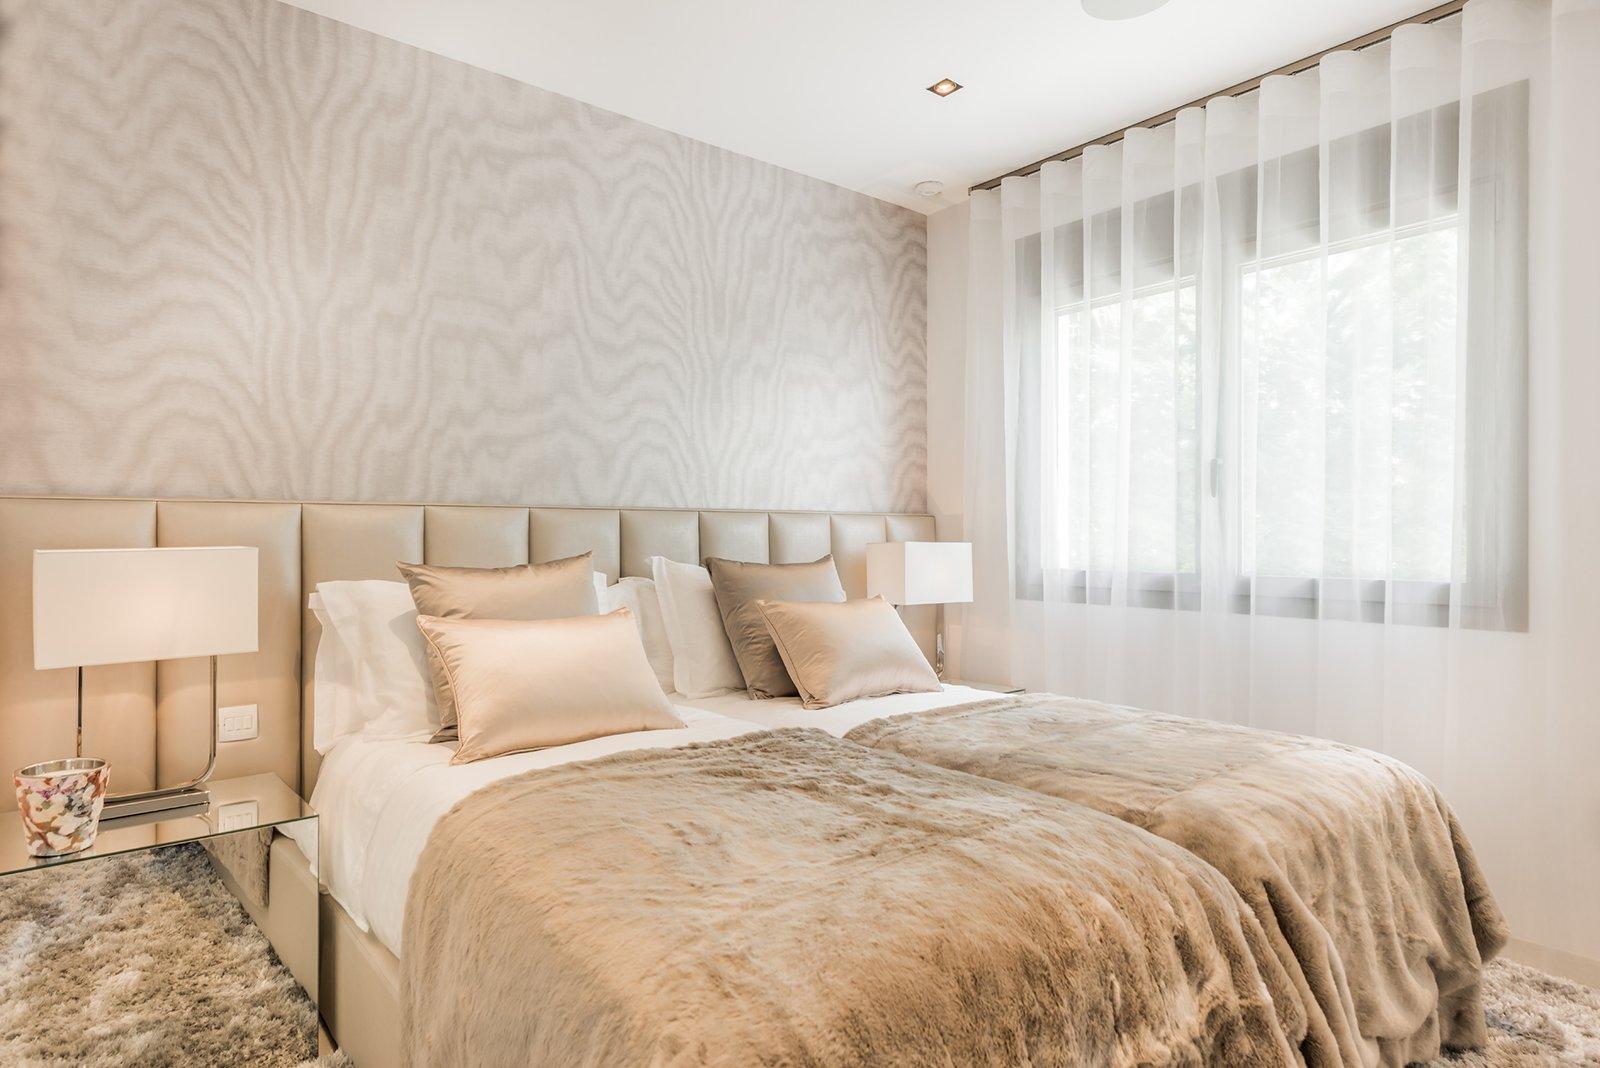 el-arenal-marbella-ambience-home-design-26